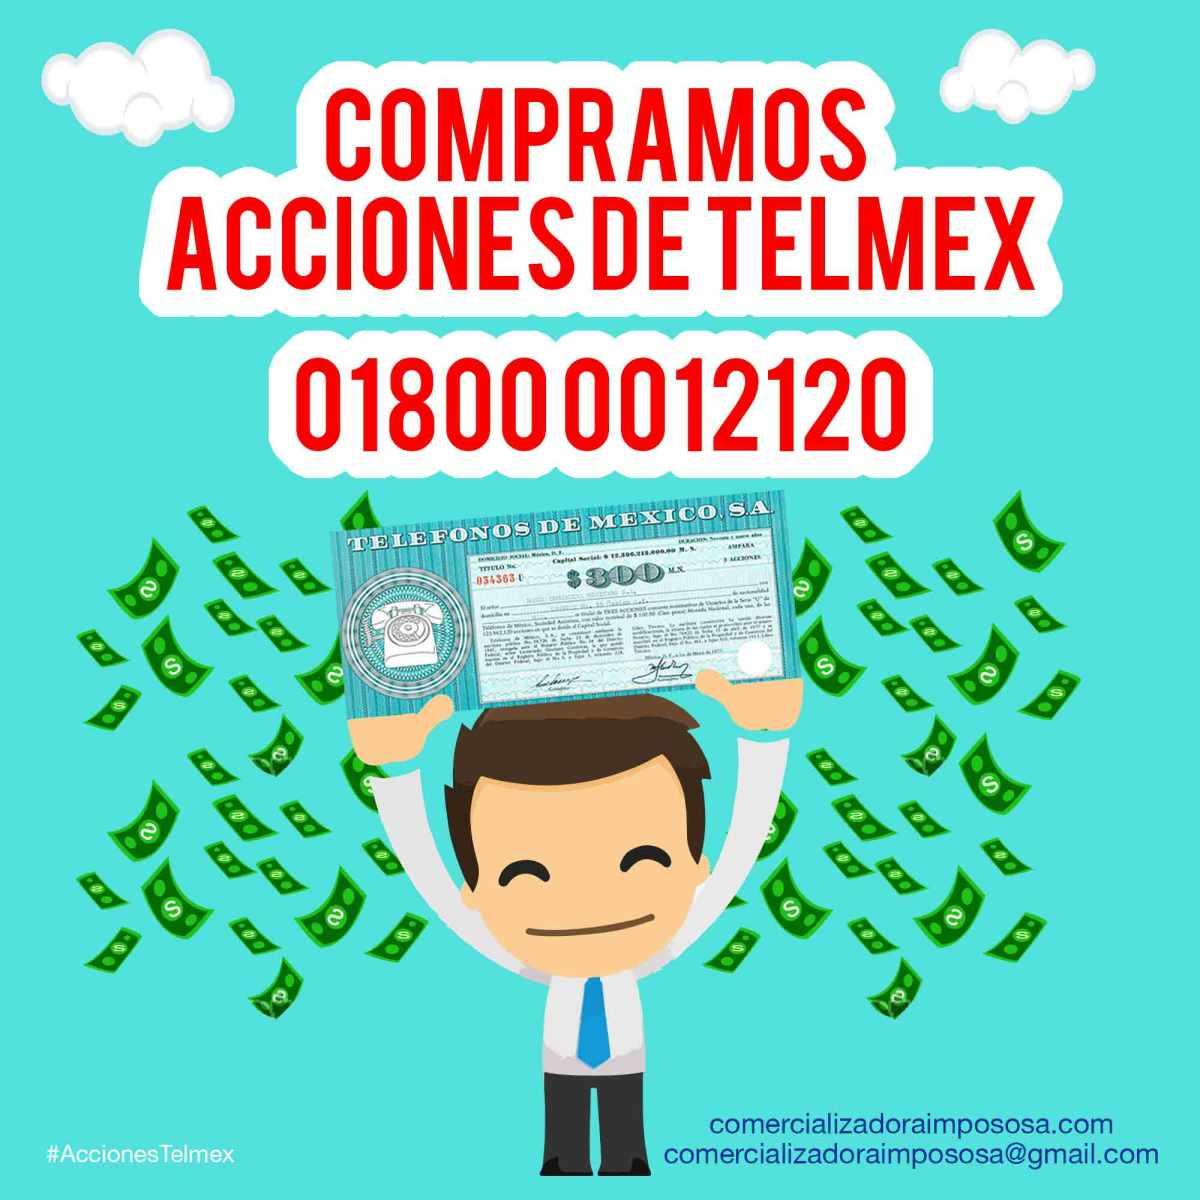 COTIZAMOS ACCIONES TELMEX